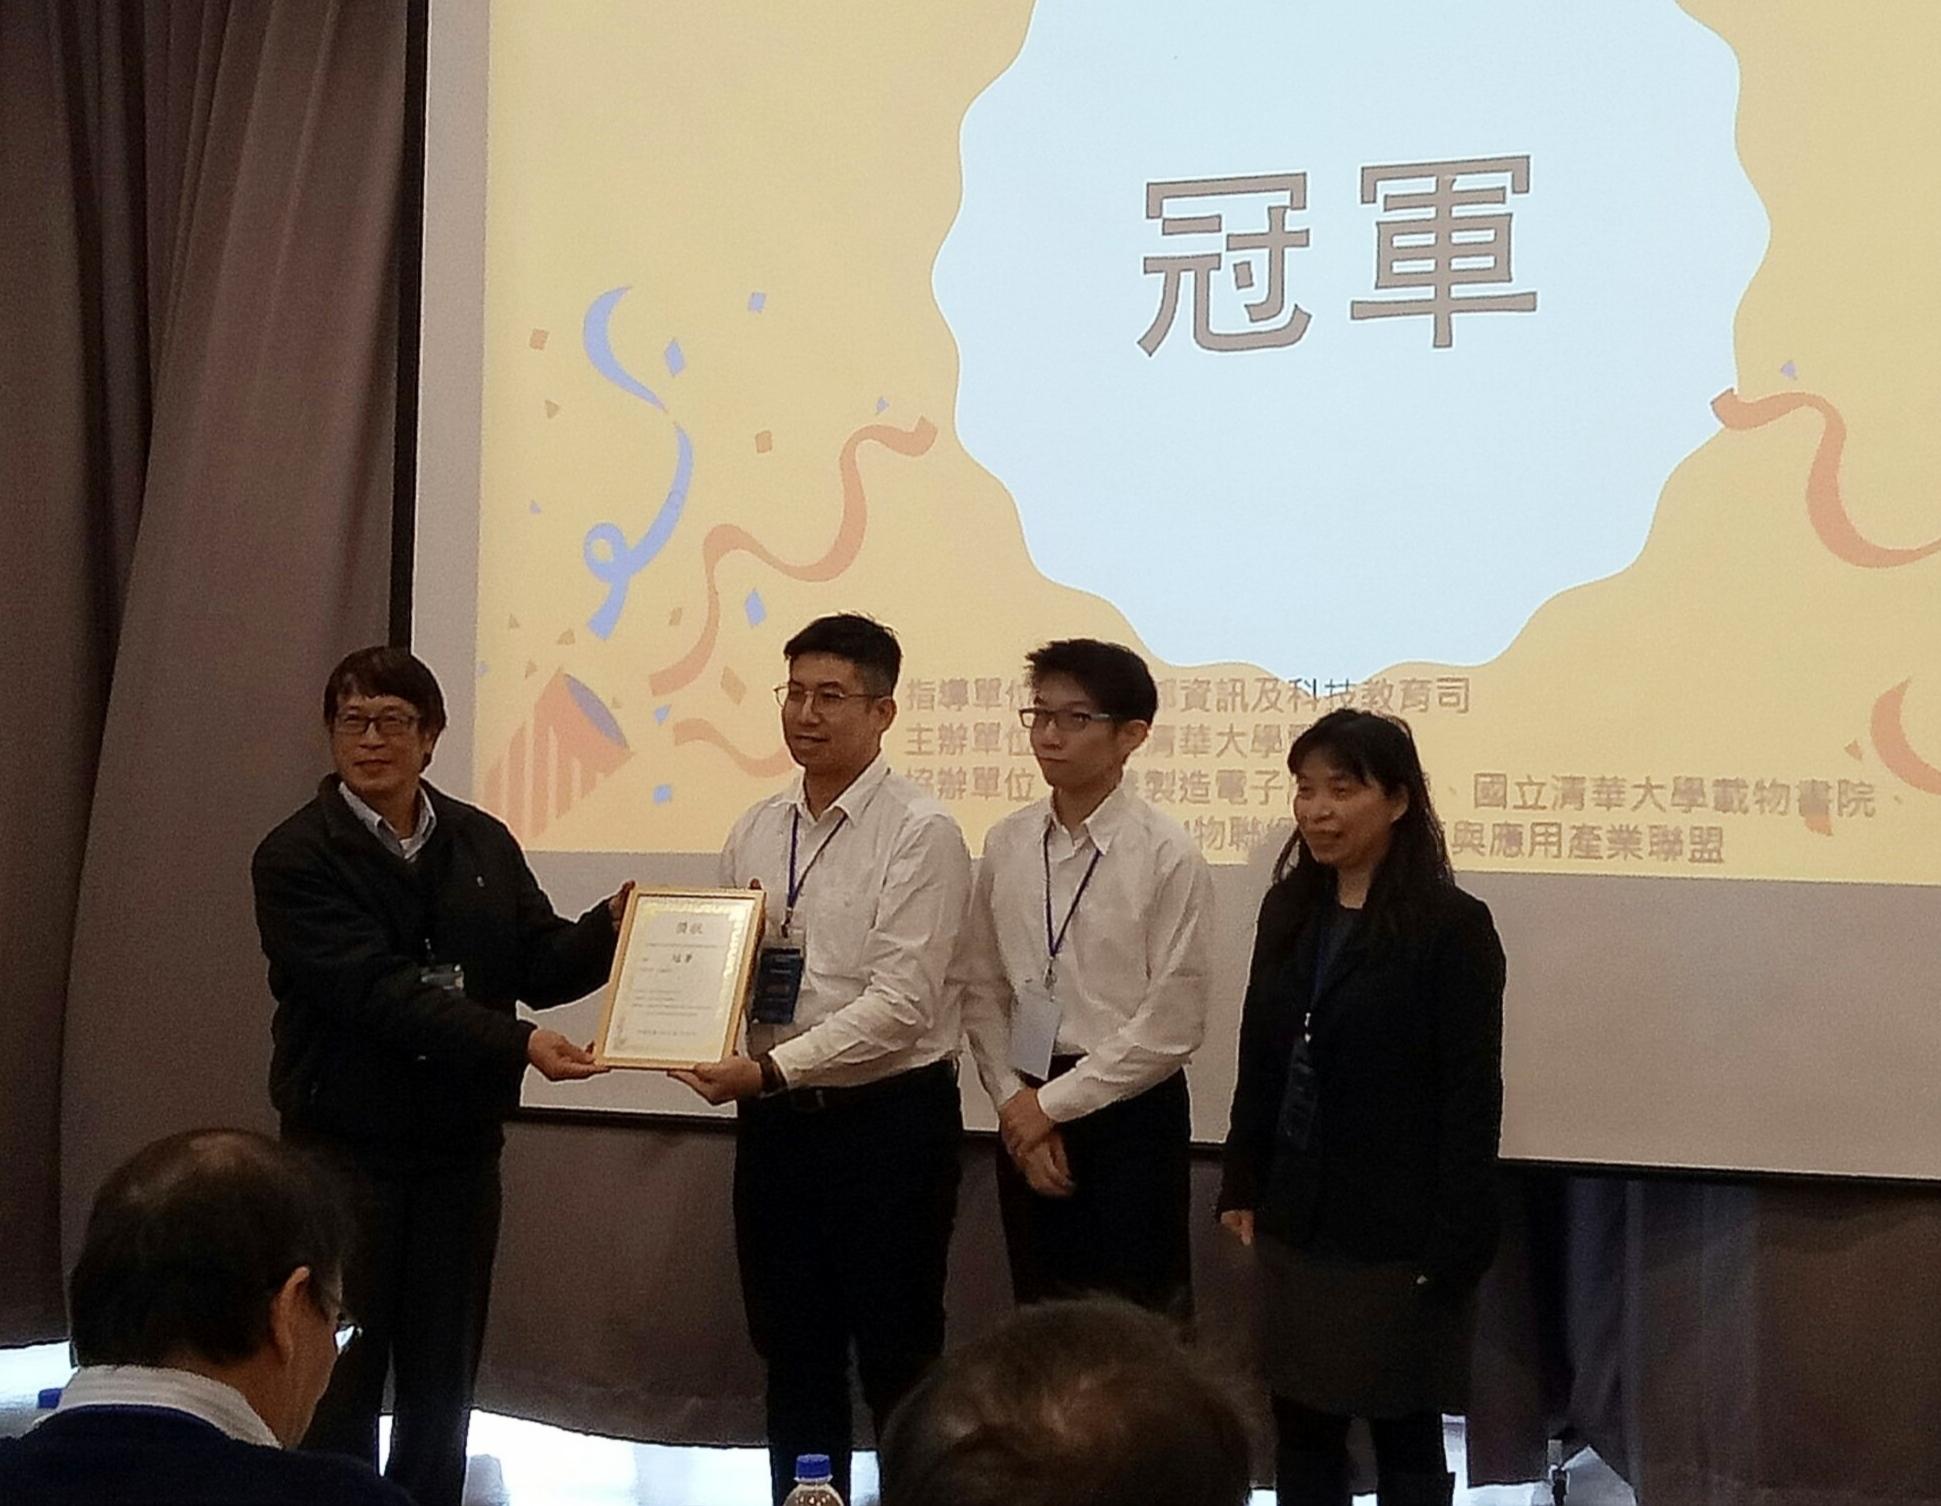 第一屆「物聯網專題實務競賽」 中原大學電機所學生勇奪冠軍!